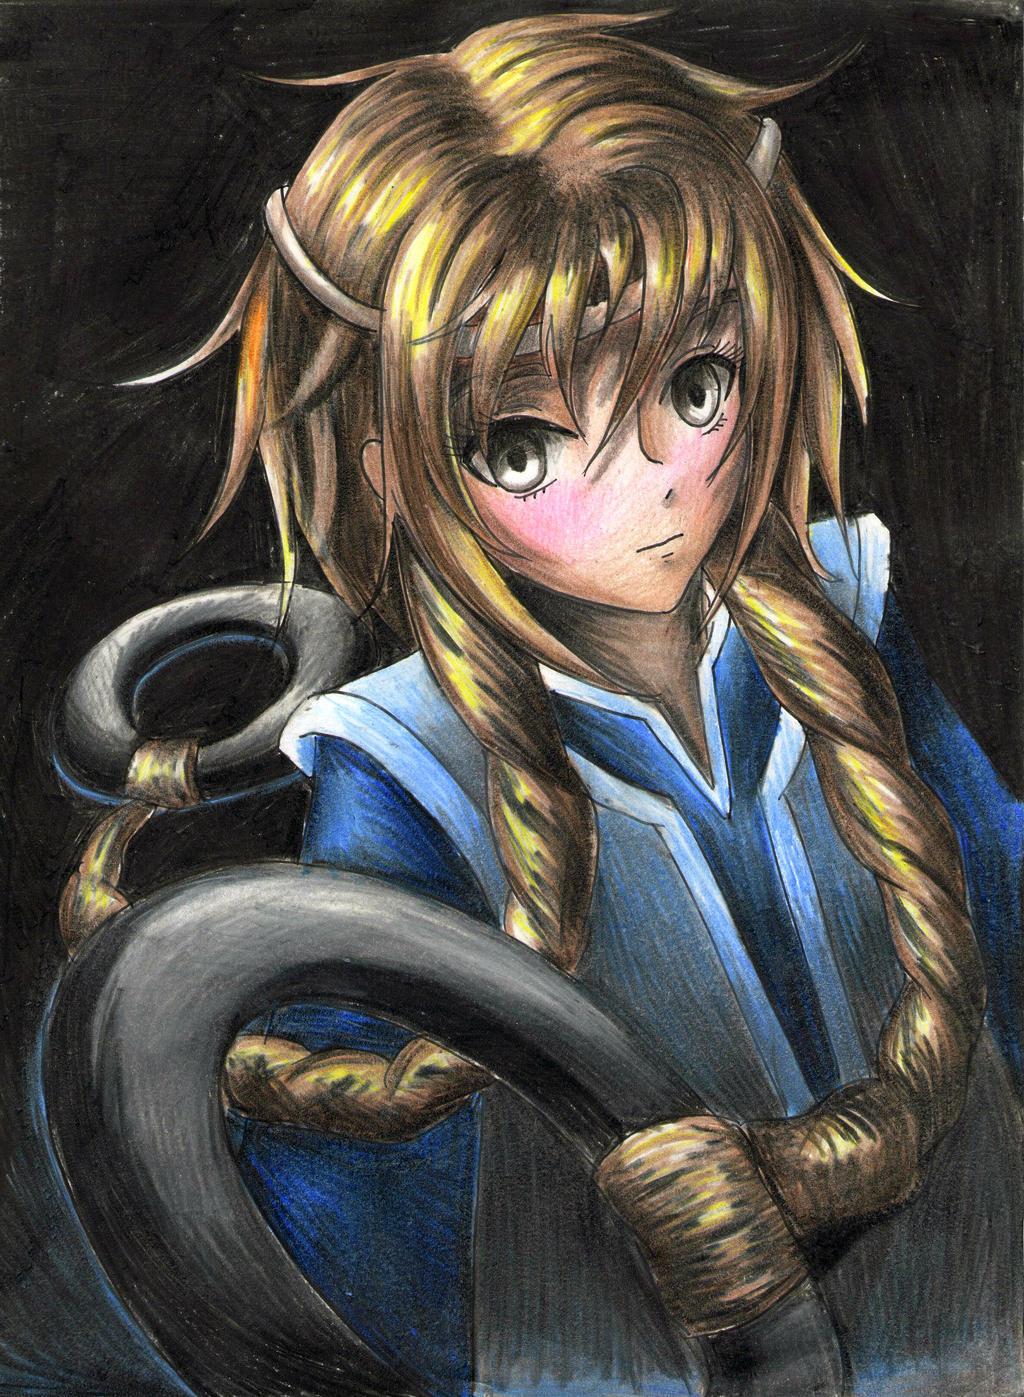 http://fc04.deviantart.net/fs71/i/2013/096/7/3/elyon_by_chameleonskyes-d60q4jd.jpg